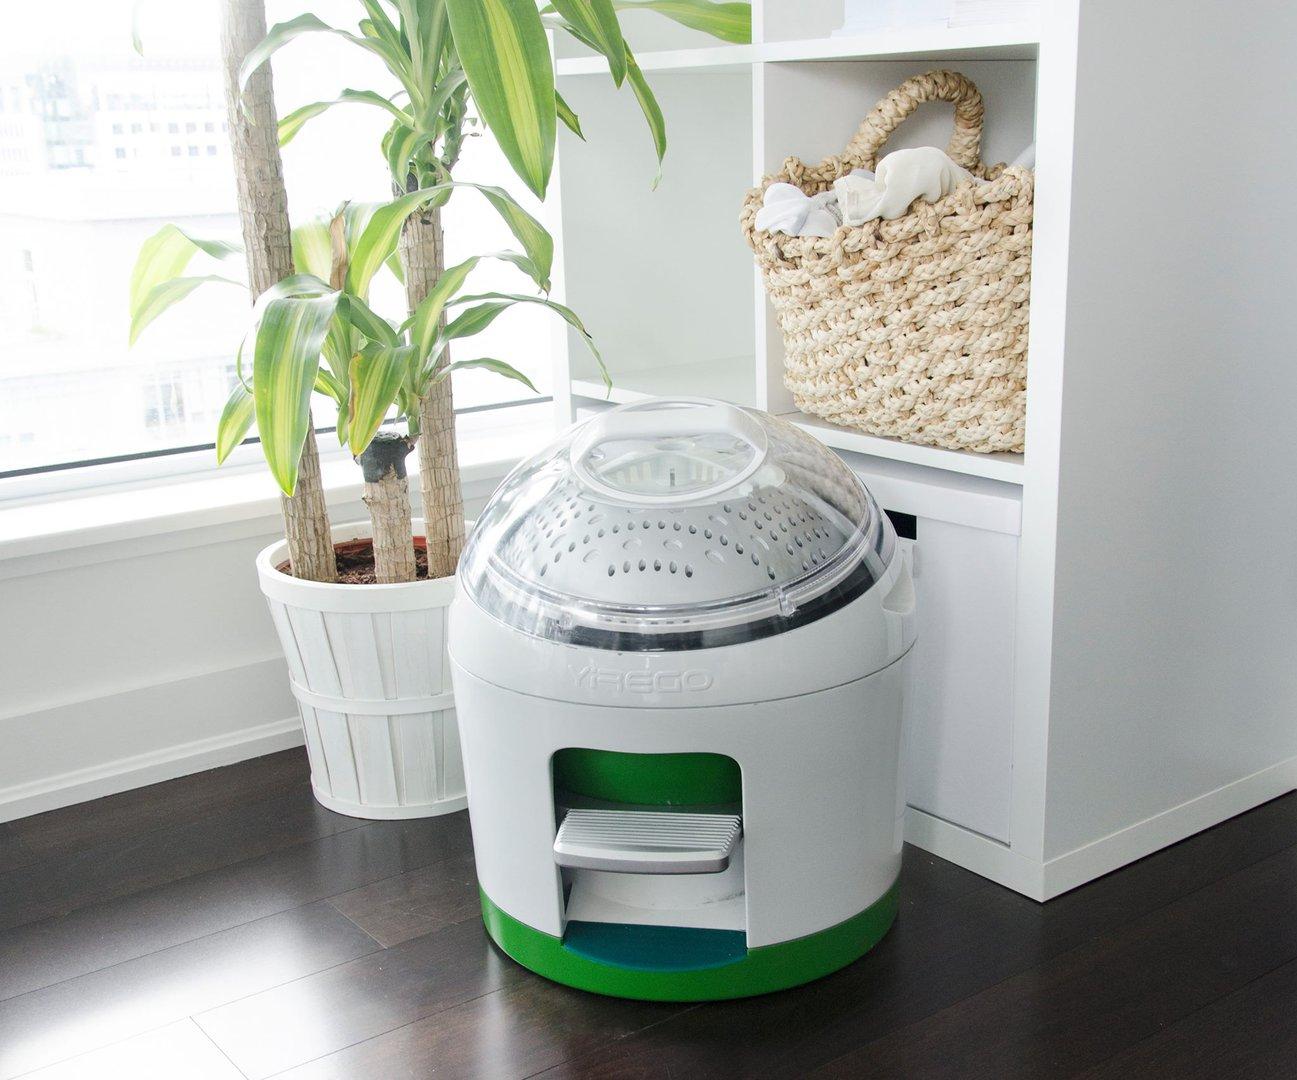 Как подключить стиральную машину без водопровода в доме 23